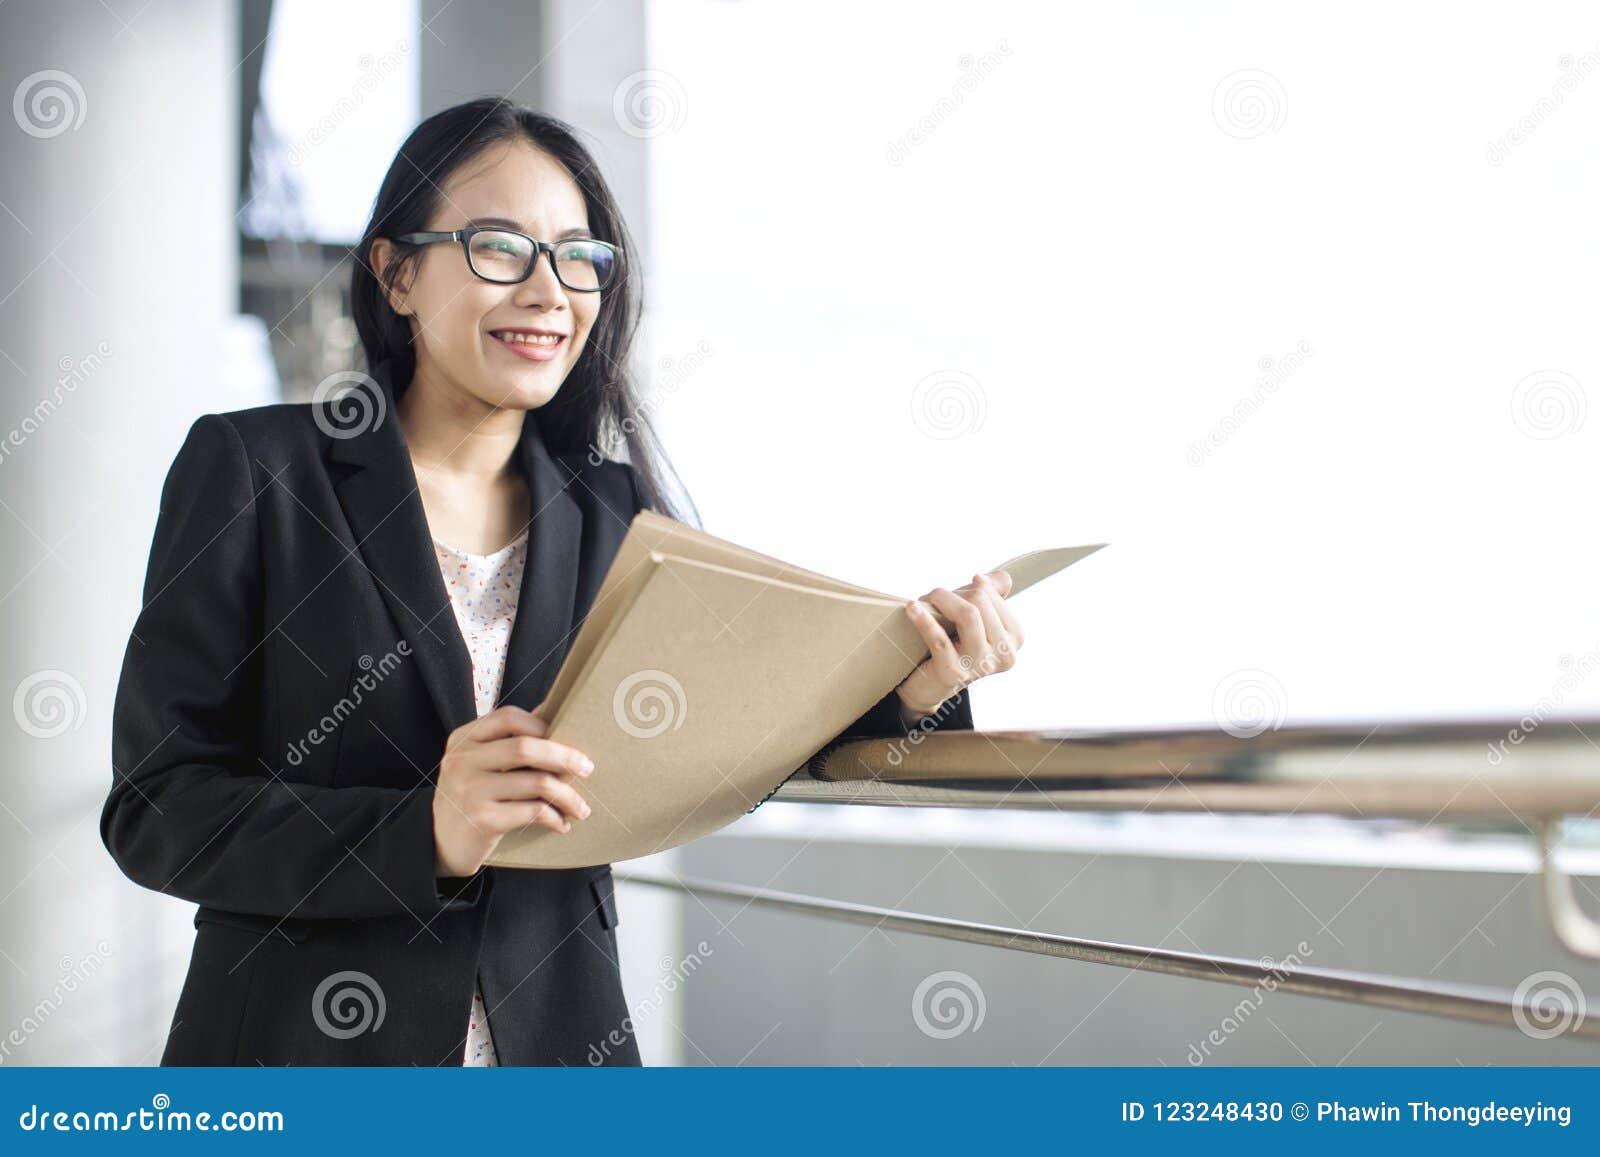 年轻亚洲女商人穿戴衣服待办卷宗文件